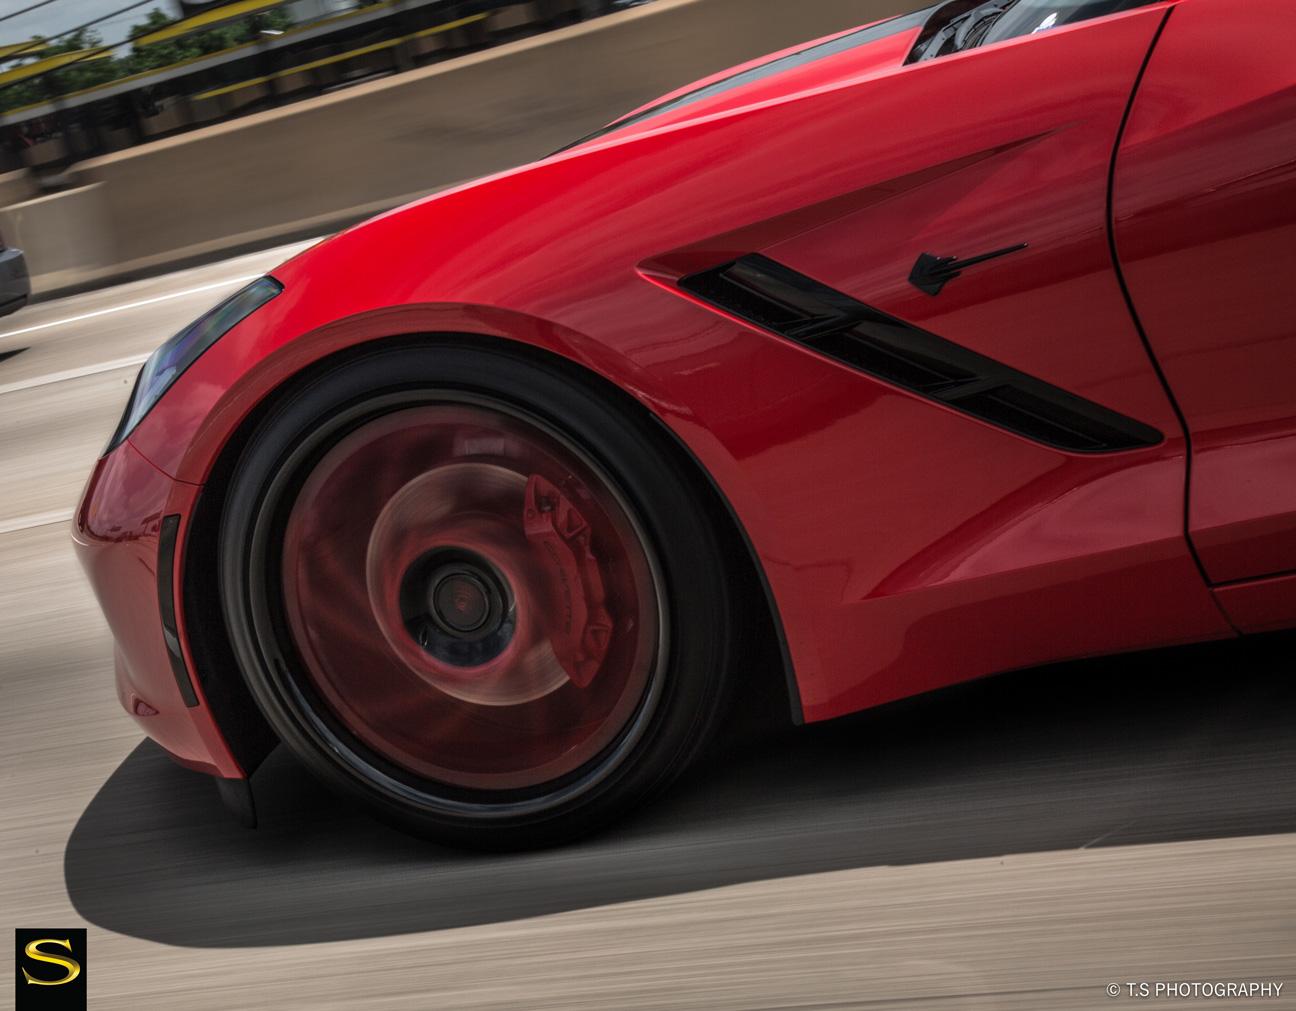 savini-diamond-lazio-black-with-red-accents-corvette-c7-stingray-(12)